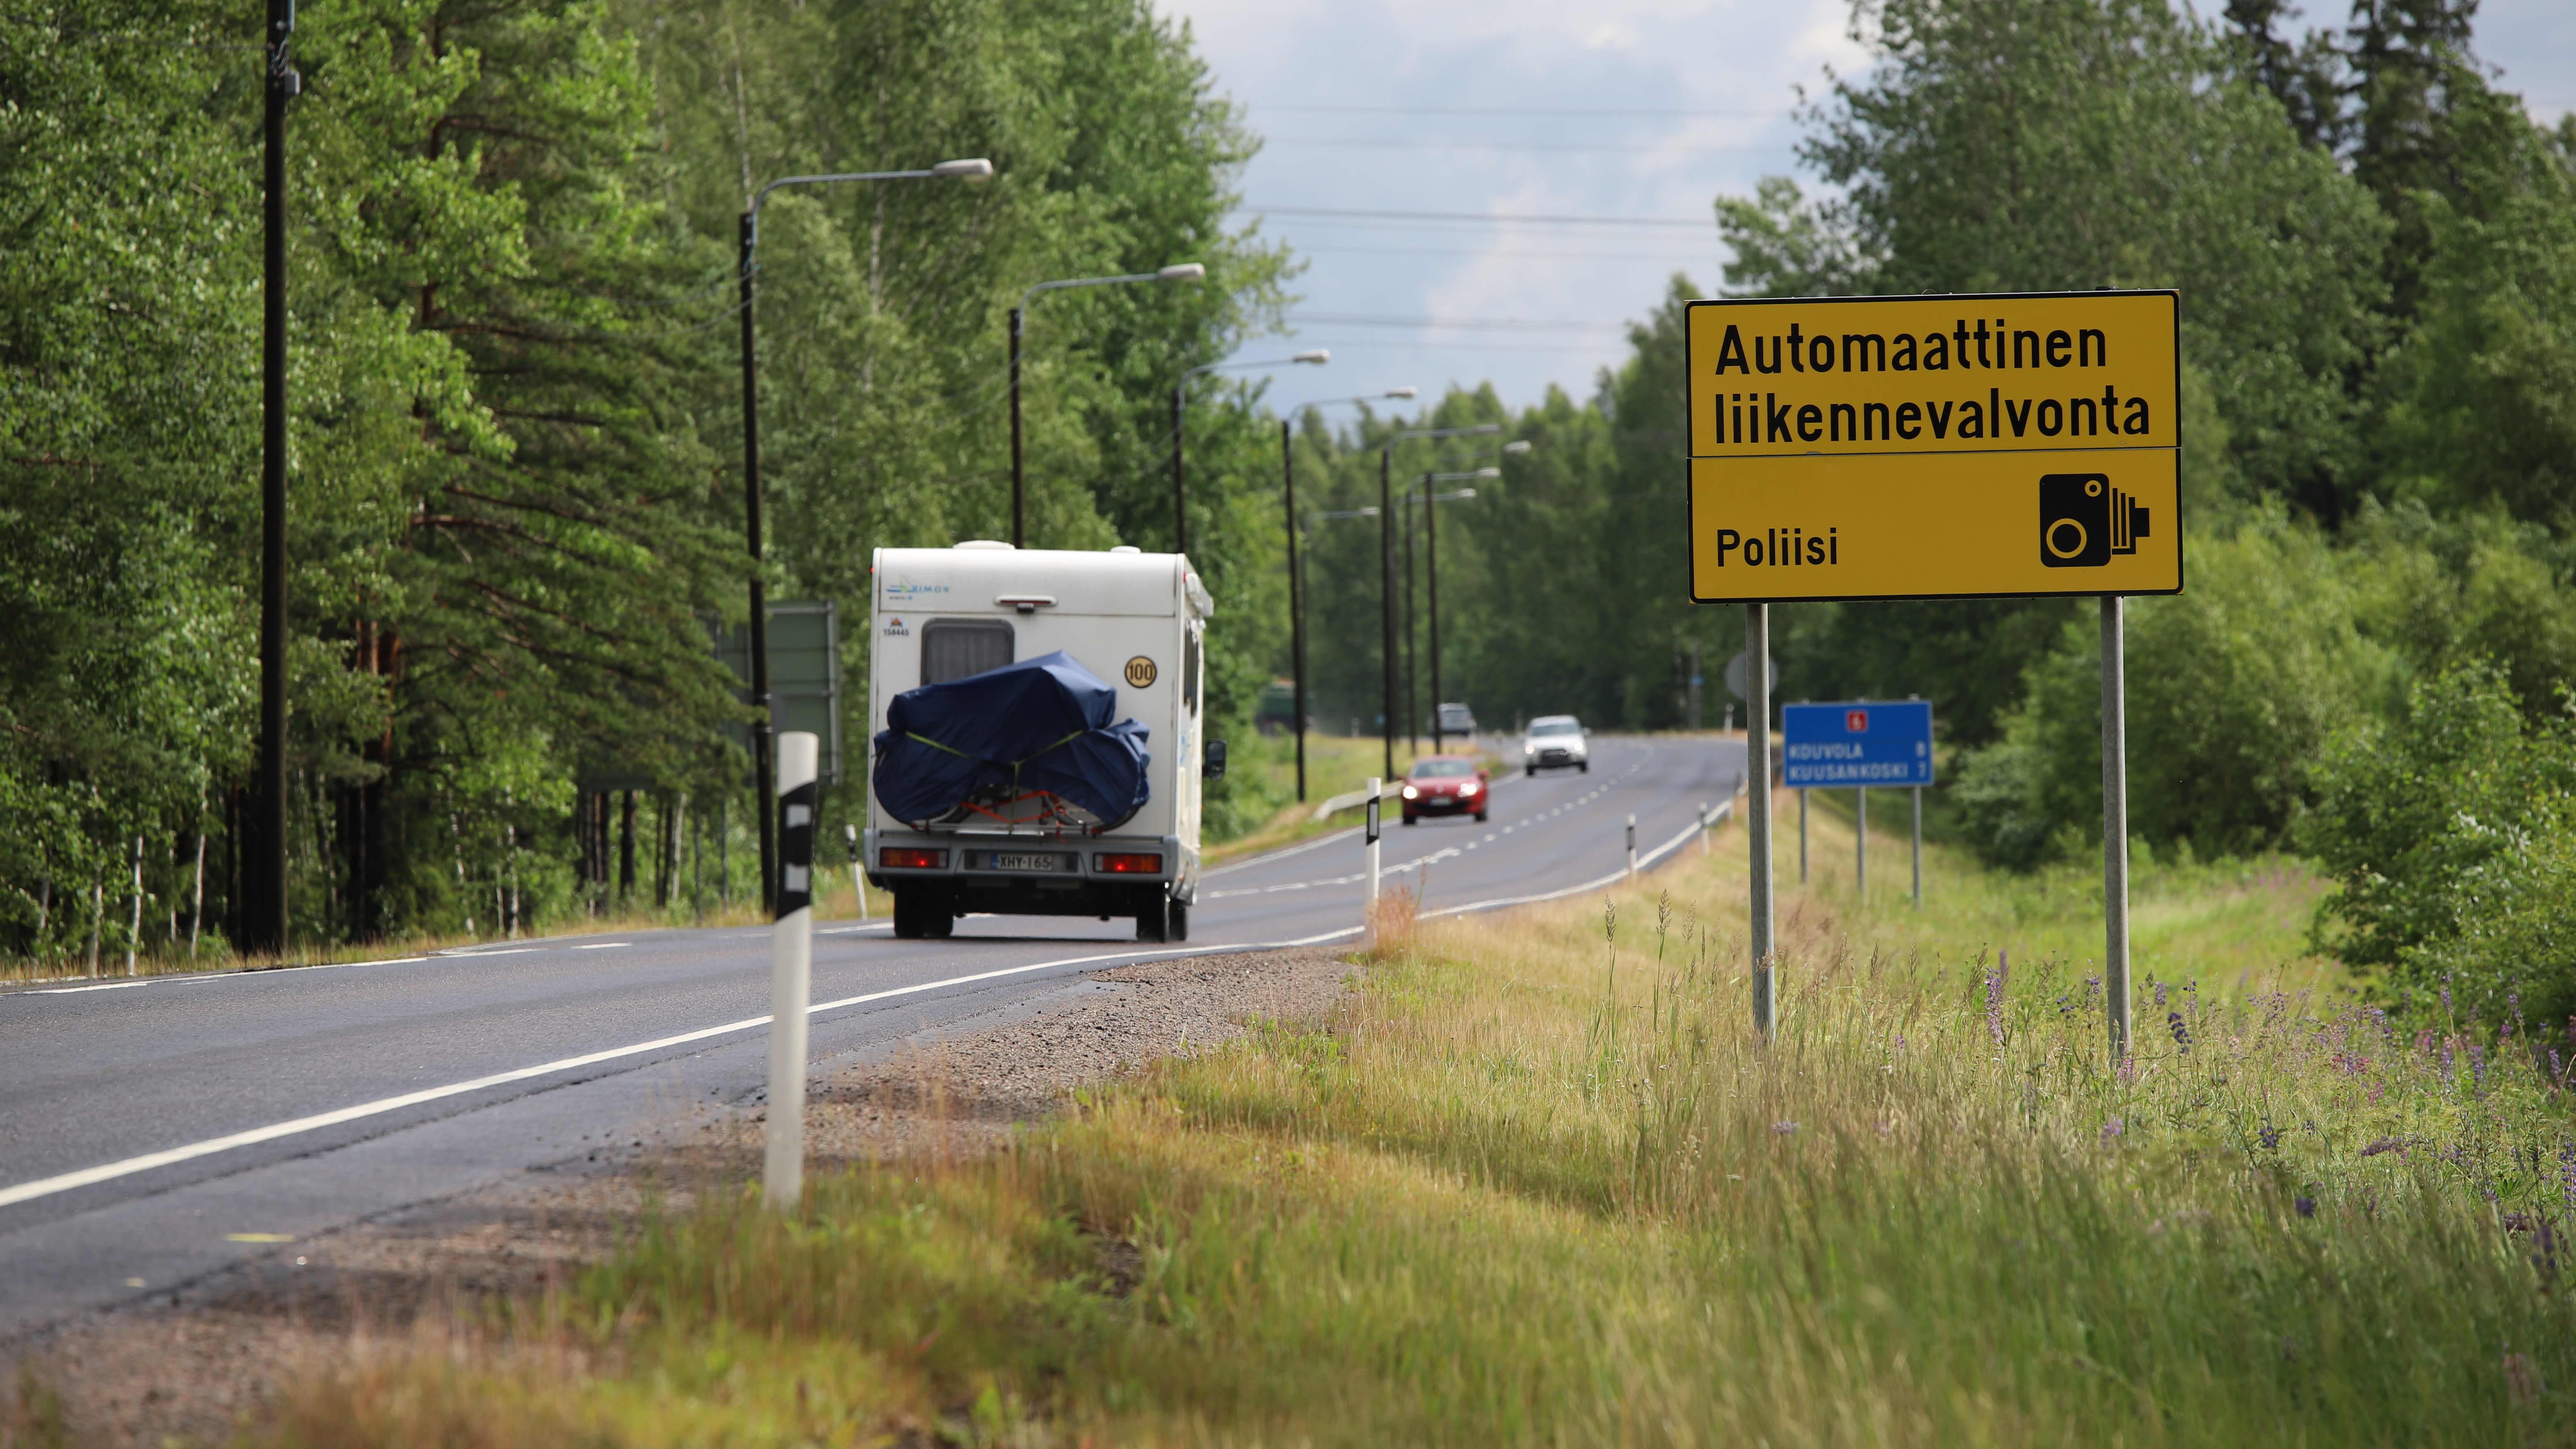 Liikennevalvontakyltti Korialla Kouvolassa.